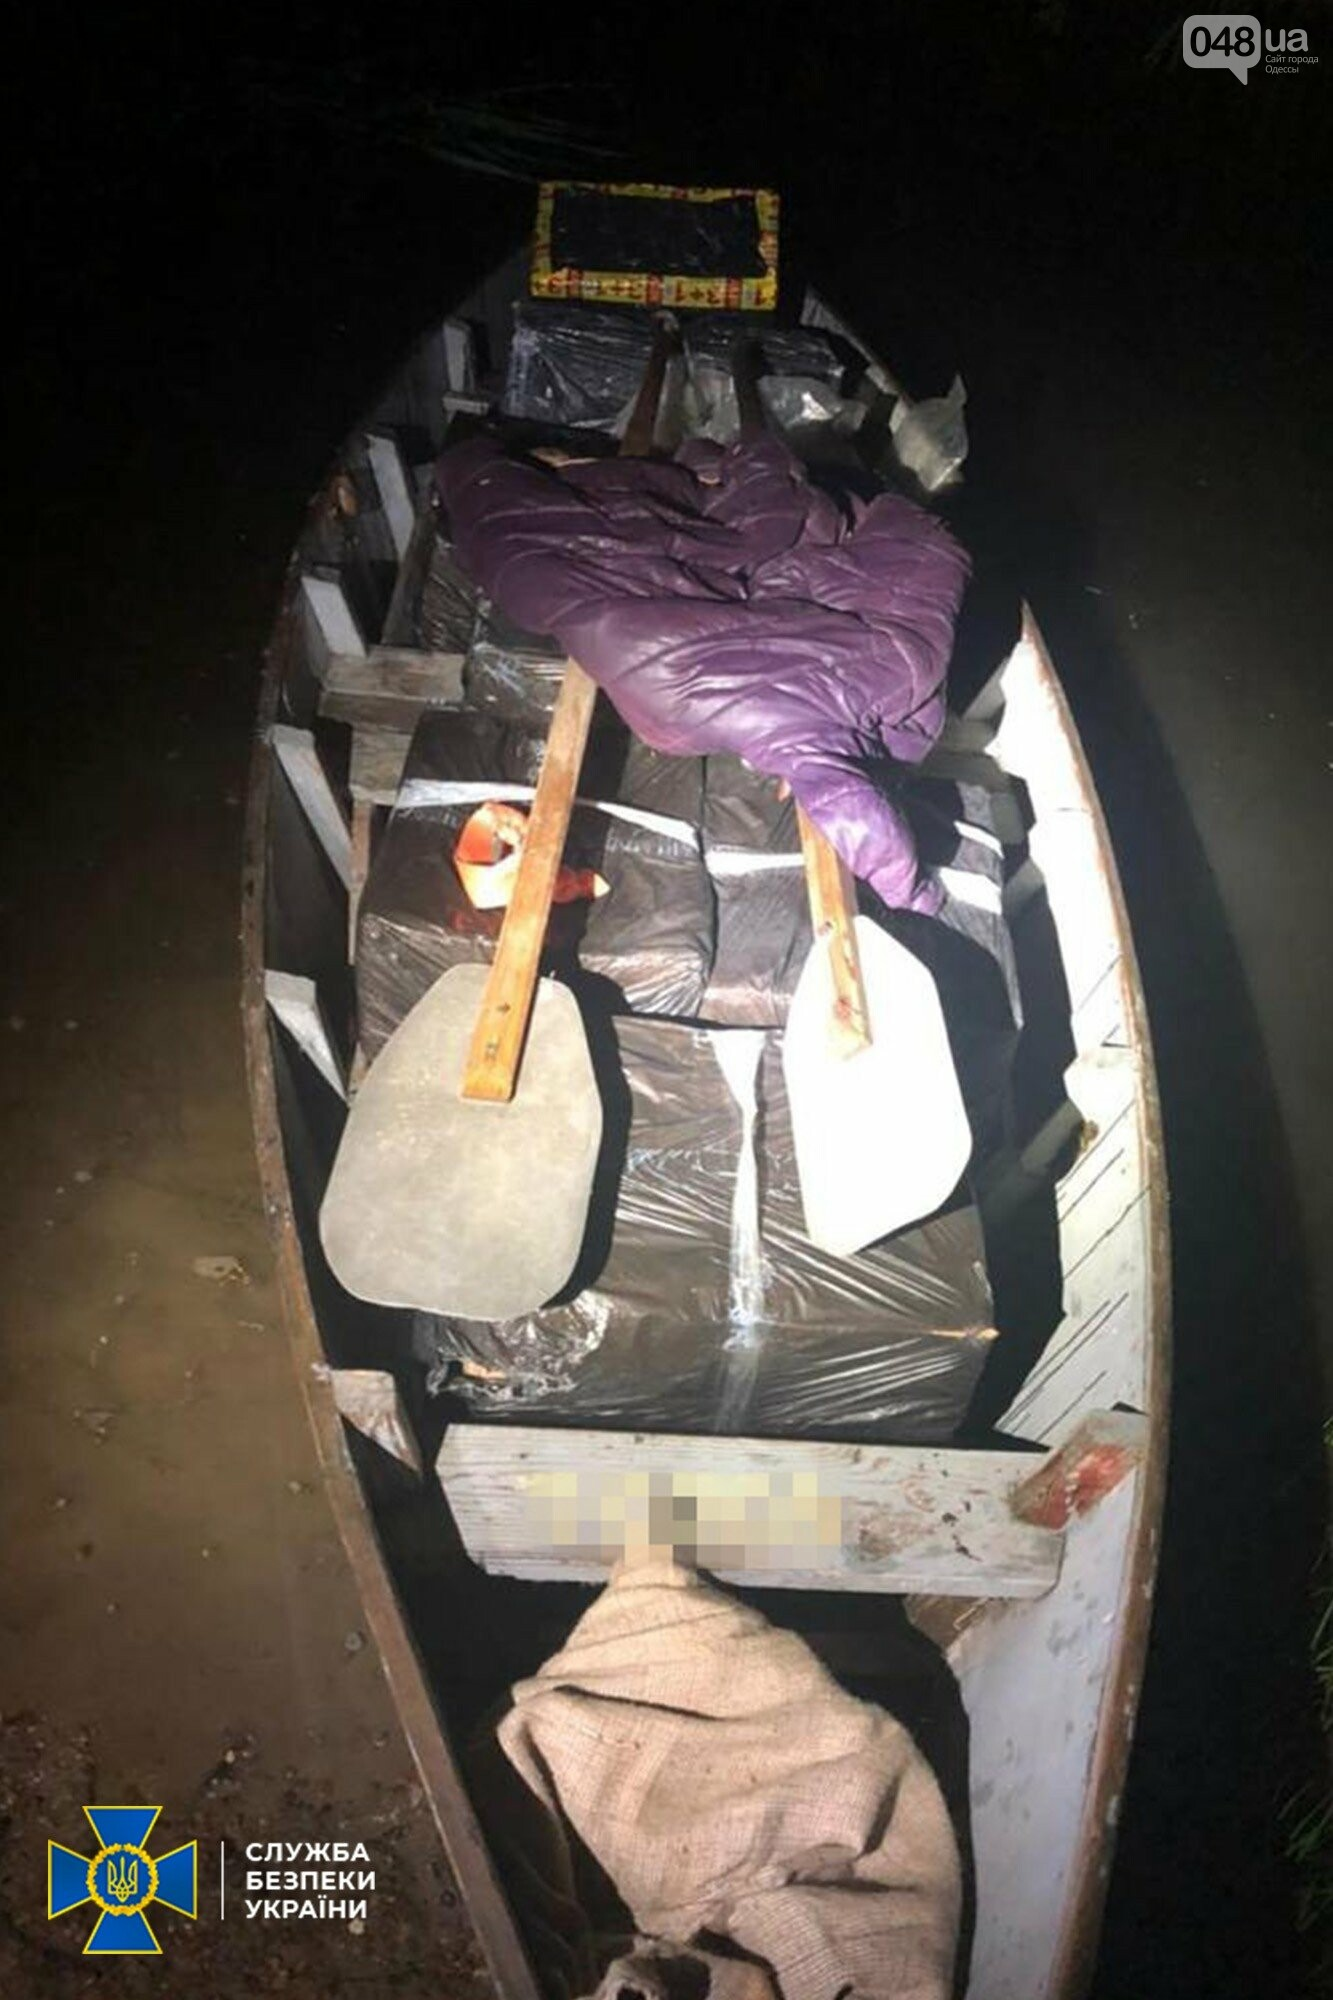 Оружие, контрабанда и нелегалы: сотрудники СБУ разоблачили международную преступную группу, - ФОТО, фото-1